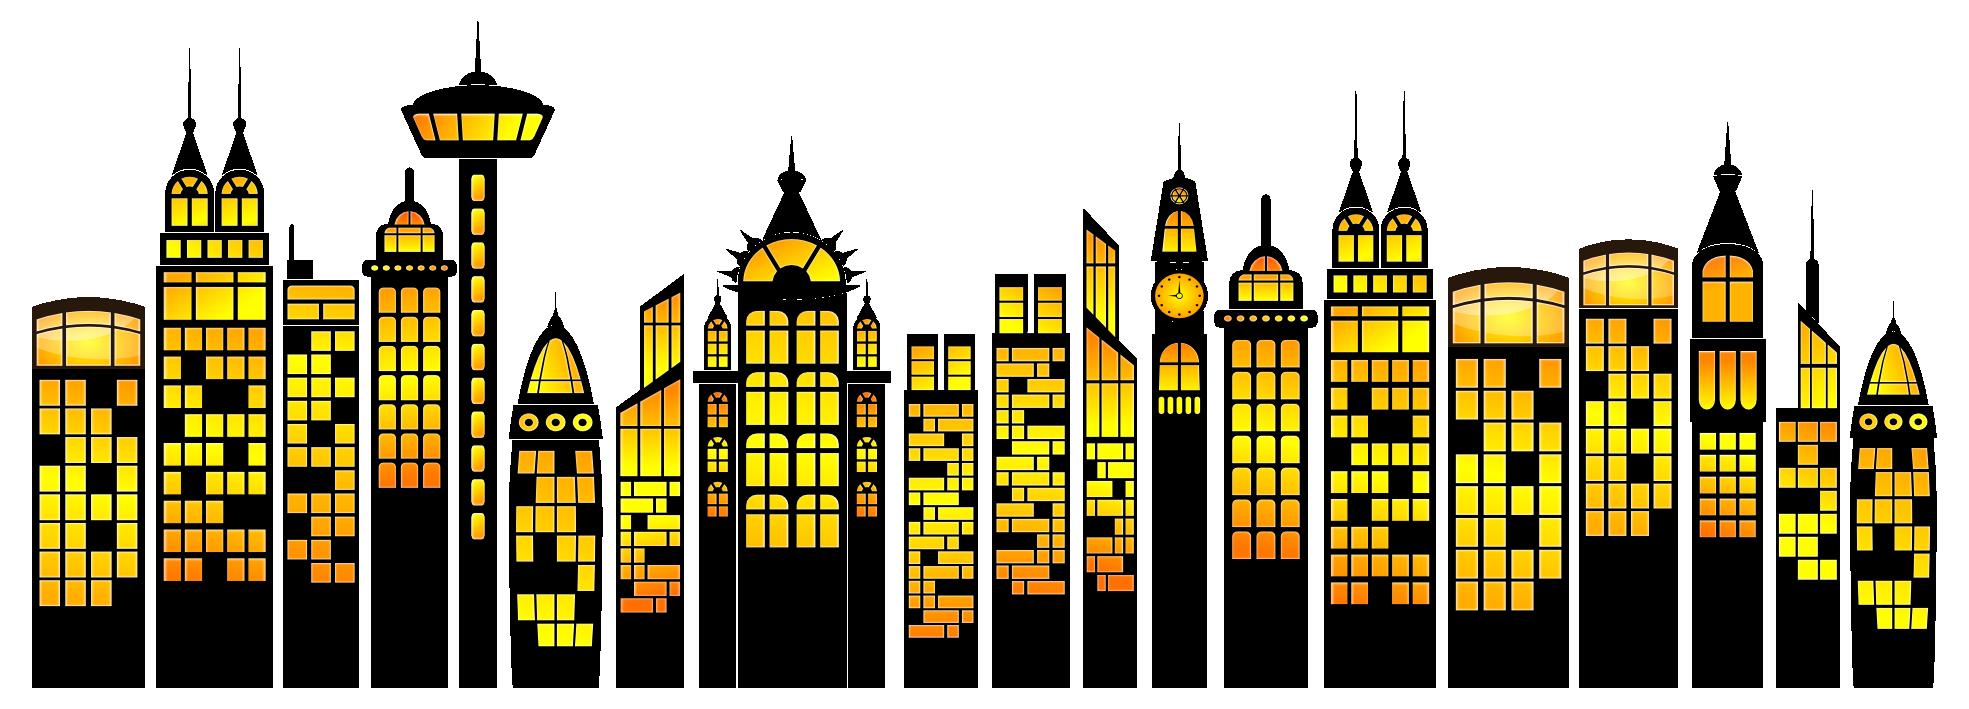 Cityscape spiderman building